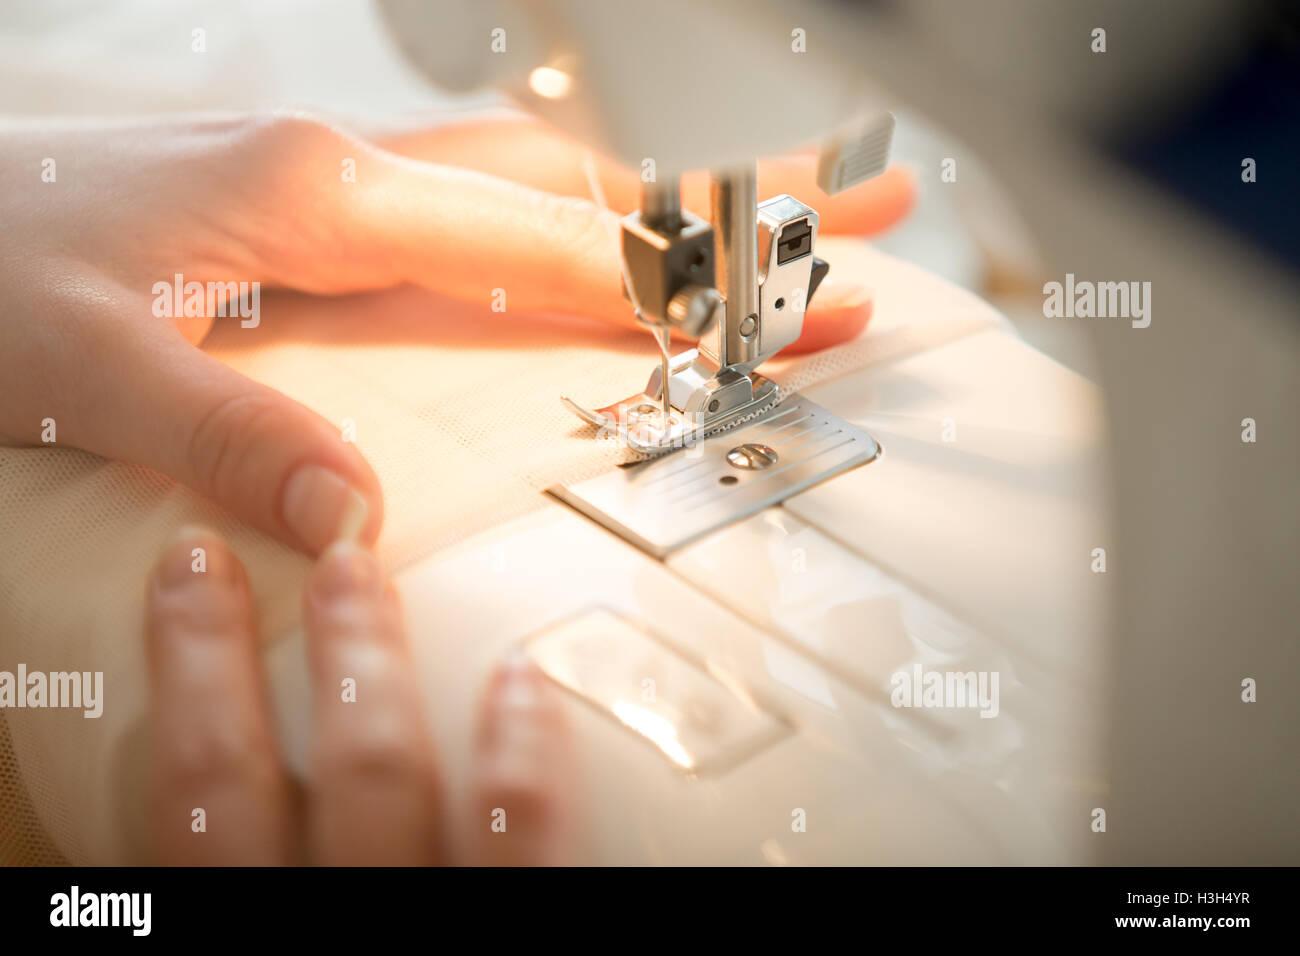 Mani alla macchina da cucire Immagini Stock